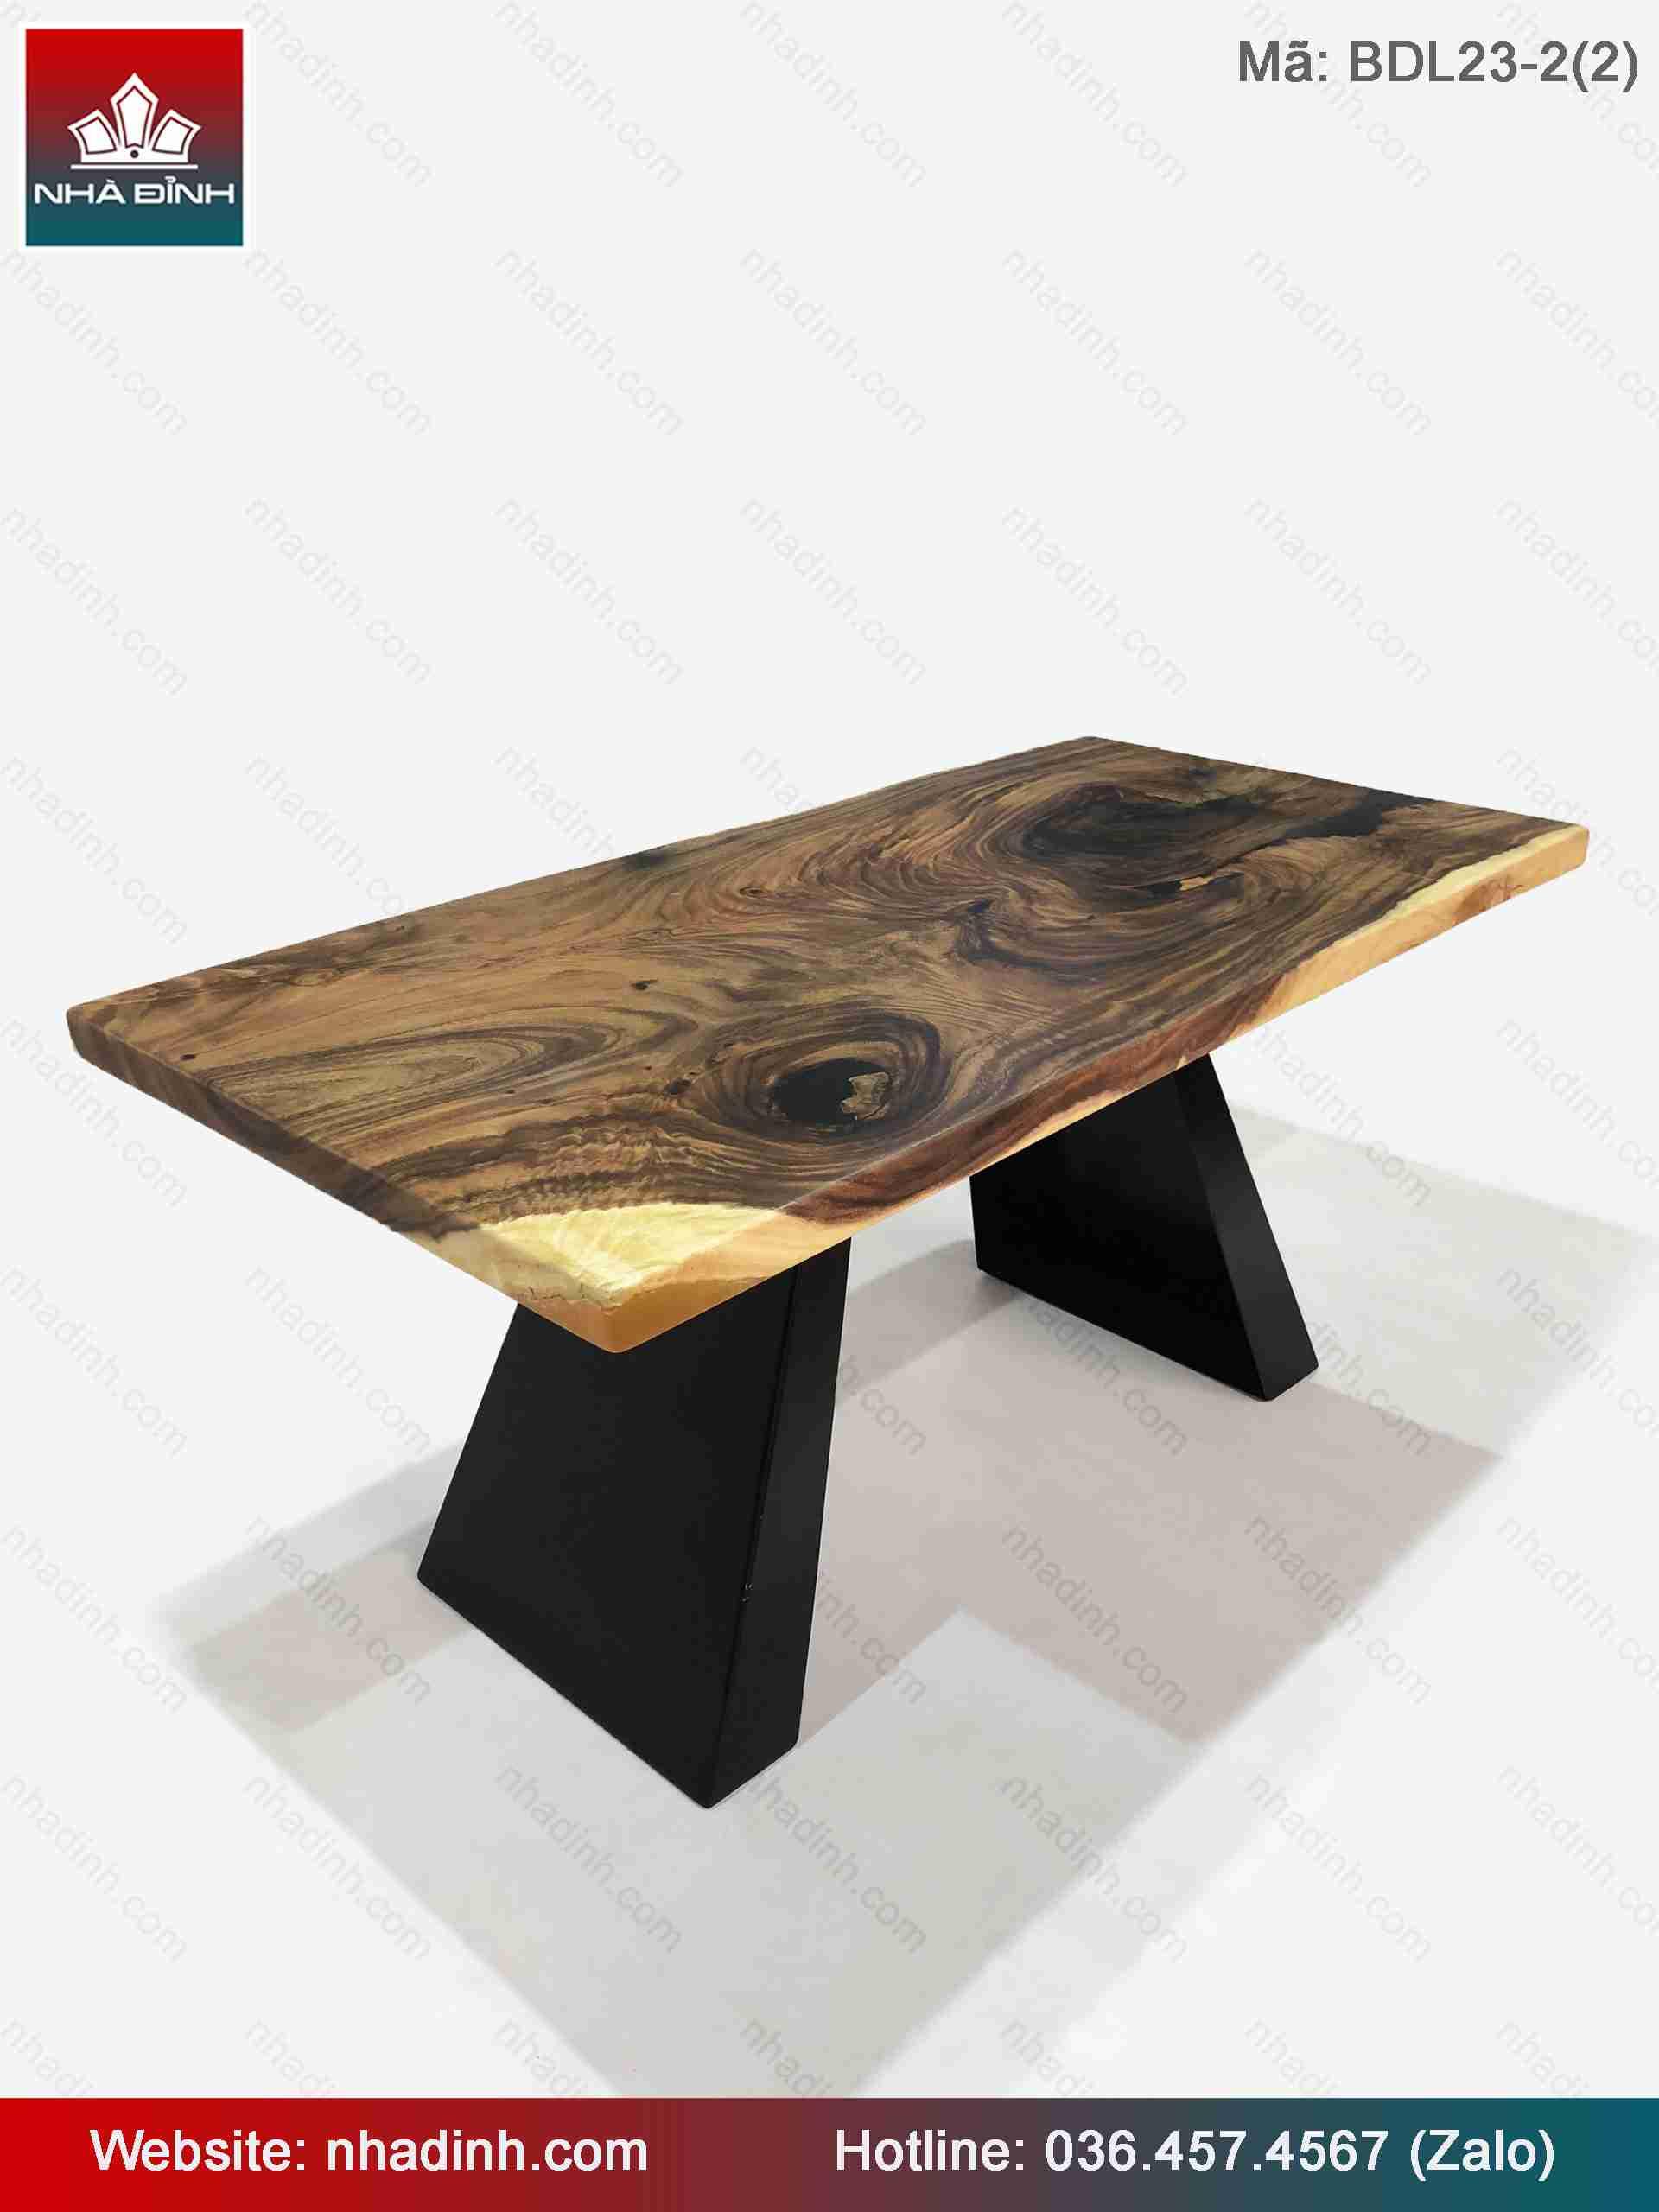 Mẫu bàn ghế gỗ Me Tây cho nhà hàng đẹp - chất lượng sản phẩm tốt